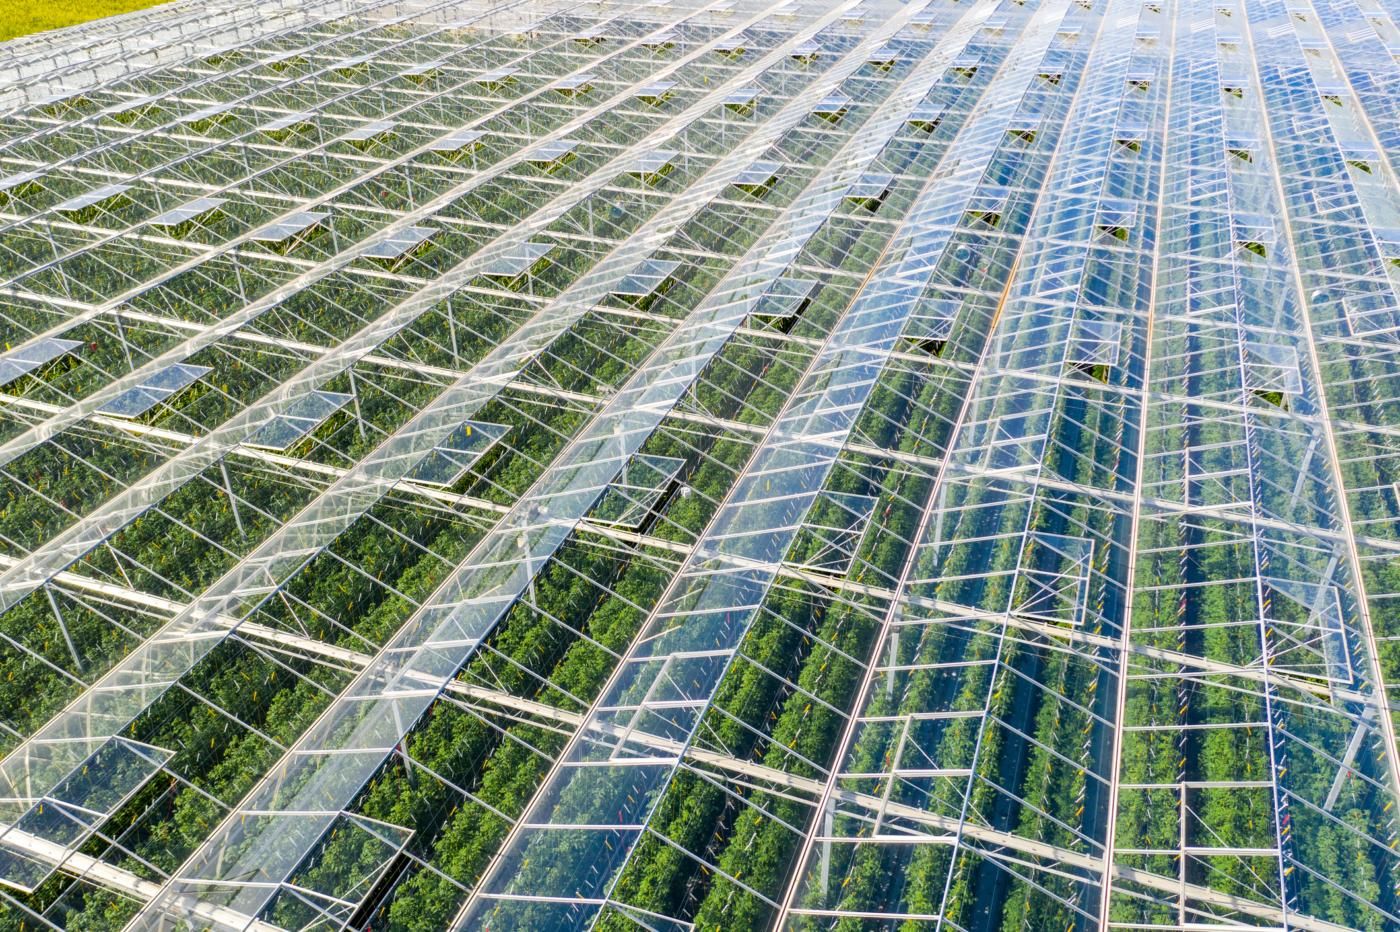 Hortiya – indoor farming with AI